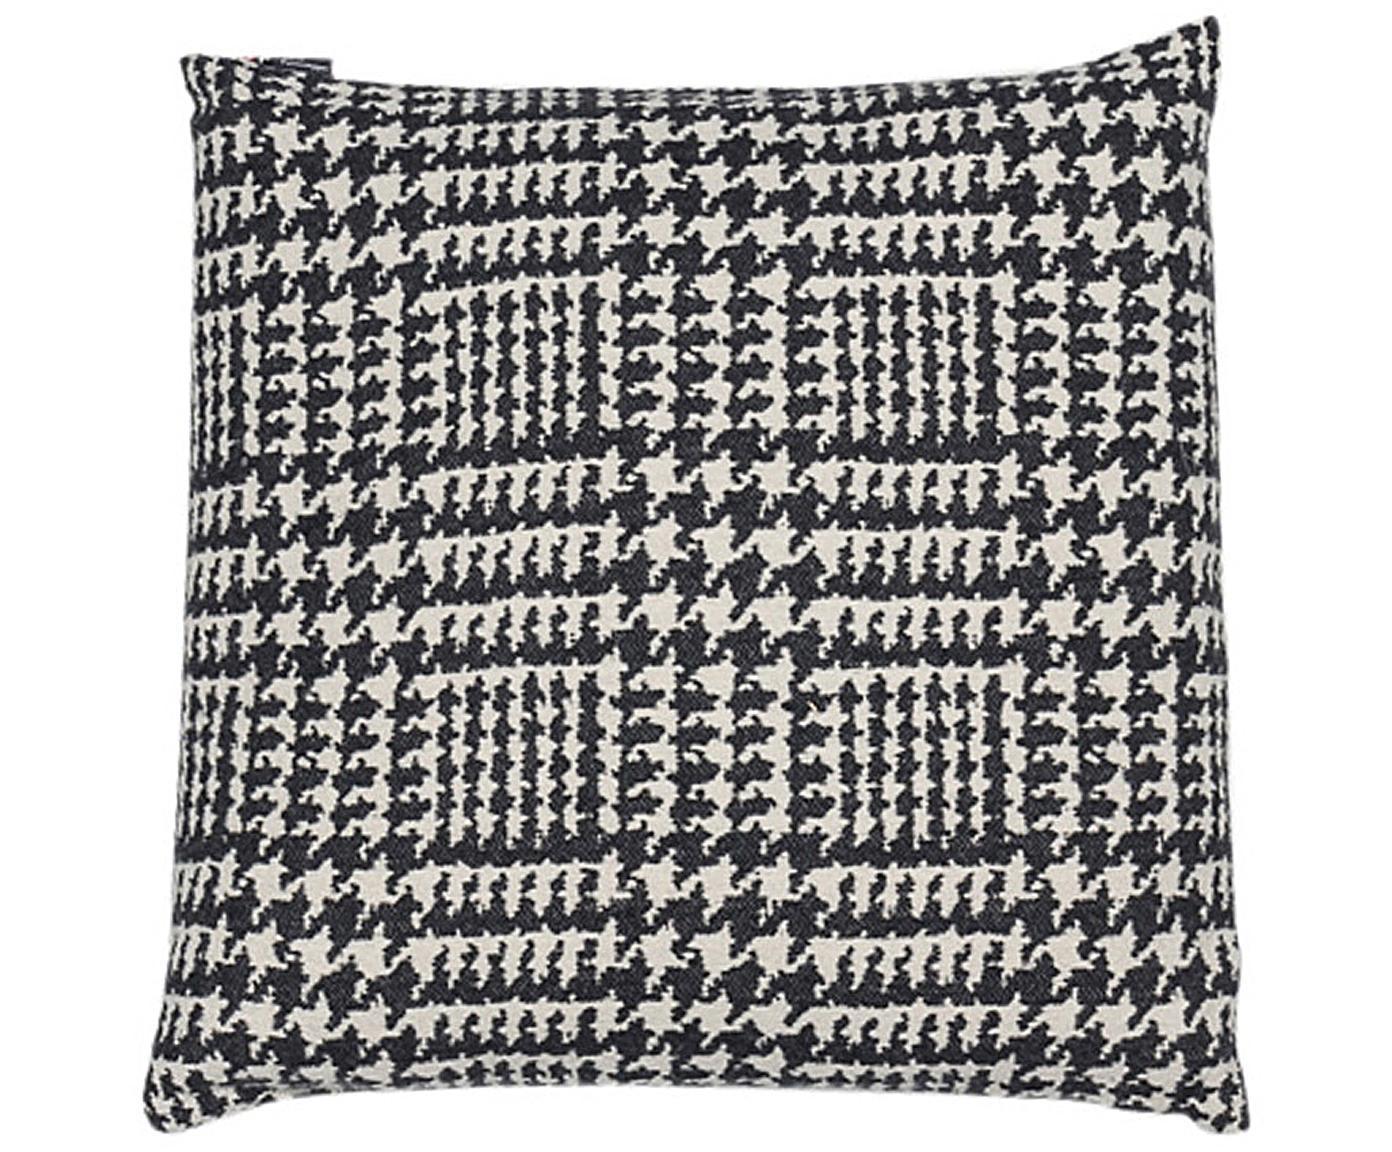 Kissenhülle Glencheck mit Hahnentritt Muster, Bezug: 85% Baumwolle, 8% Viskose, Schwarz, Weiss, 50 x 50 cm